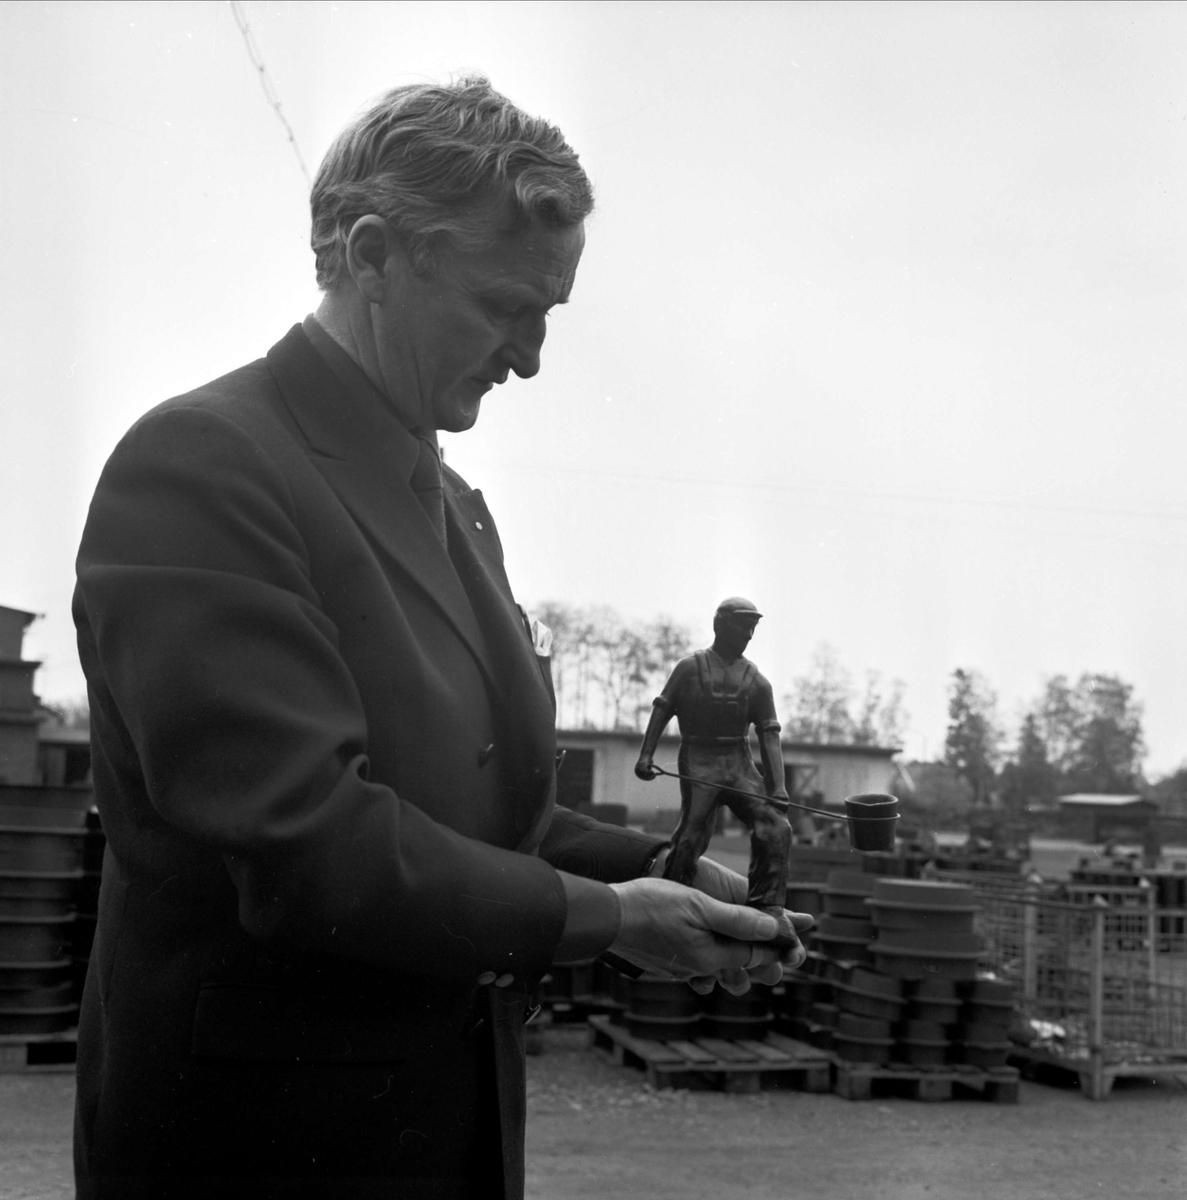 """""""Sysselsättningen räddas. Ingen lågkonjunktur vid Tierps järnbruk"""", Tierp, Uppland maj 1973"""